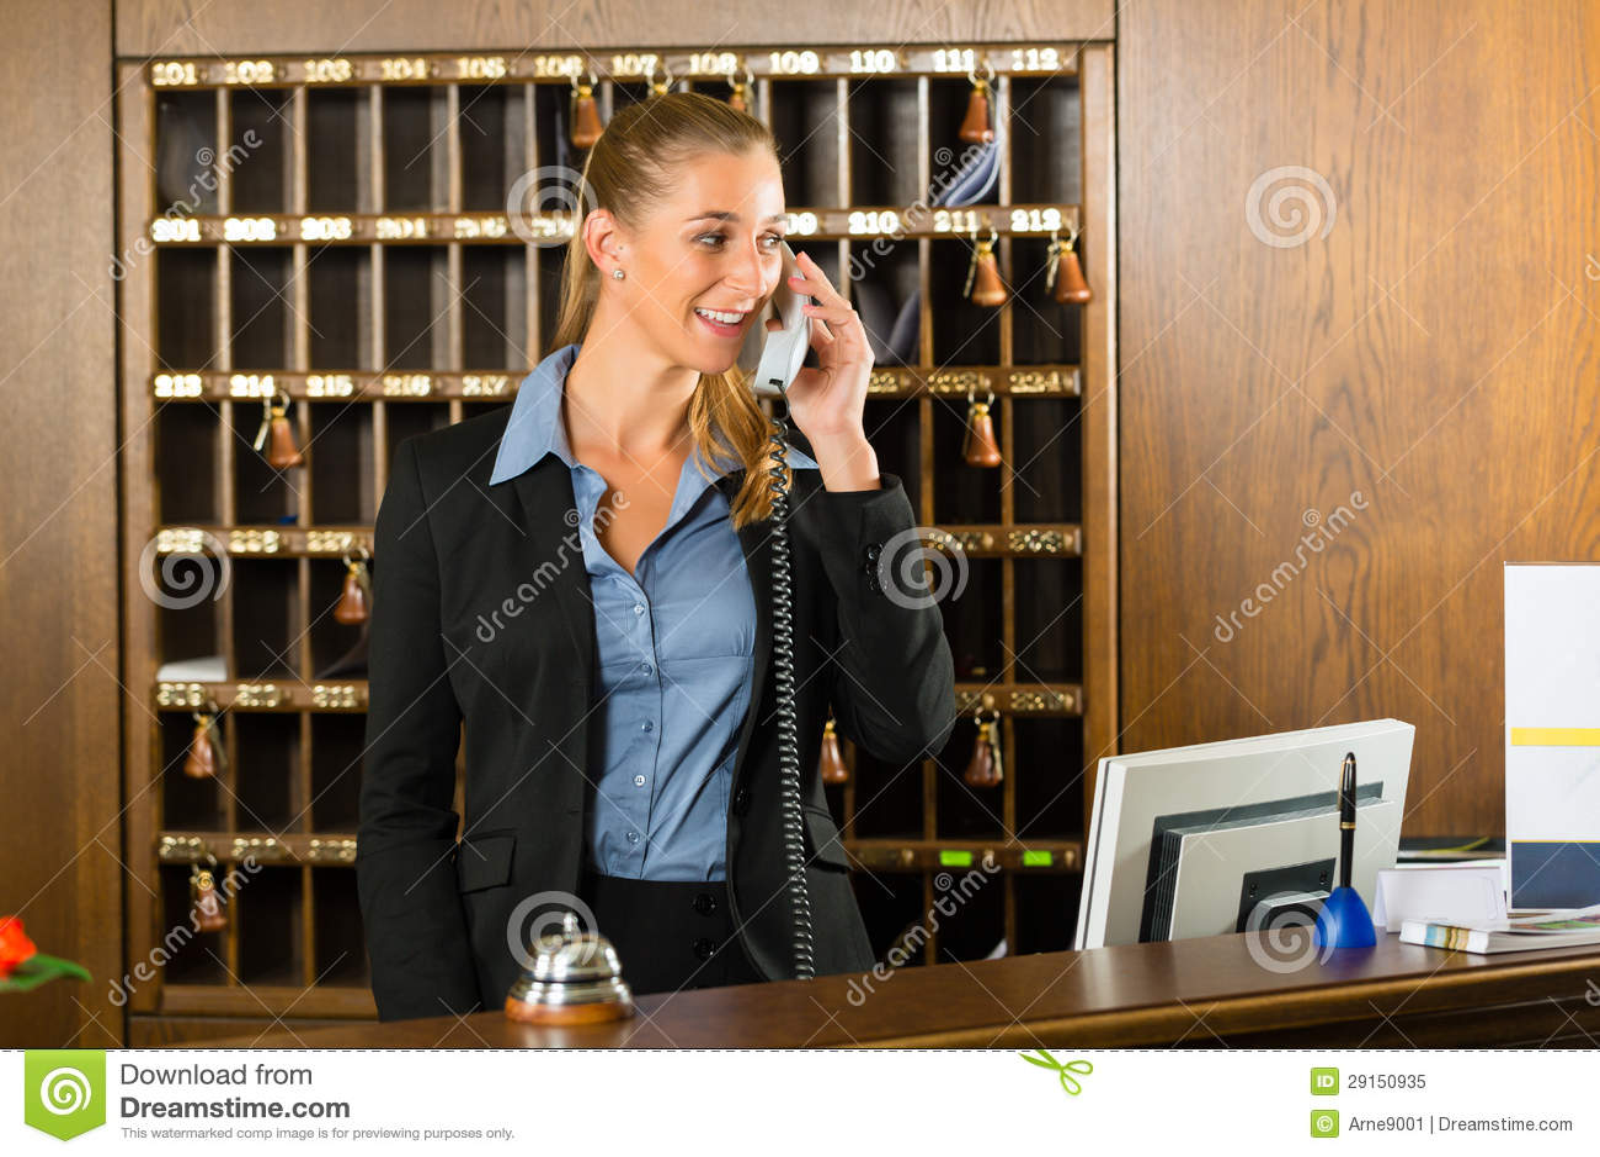 front desk agent resume sample